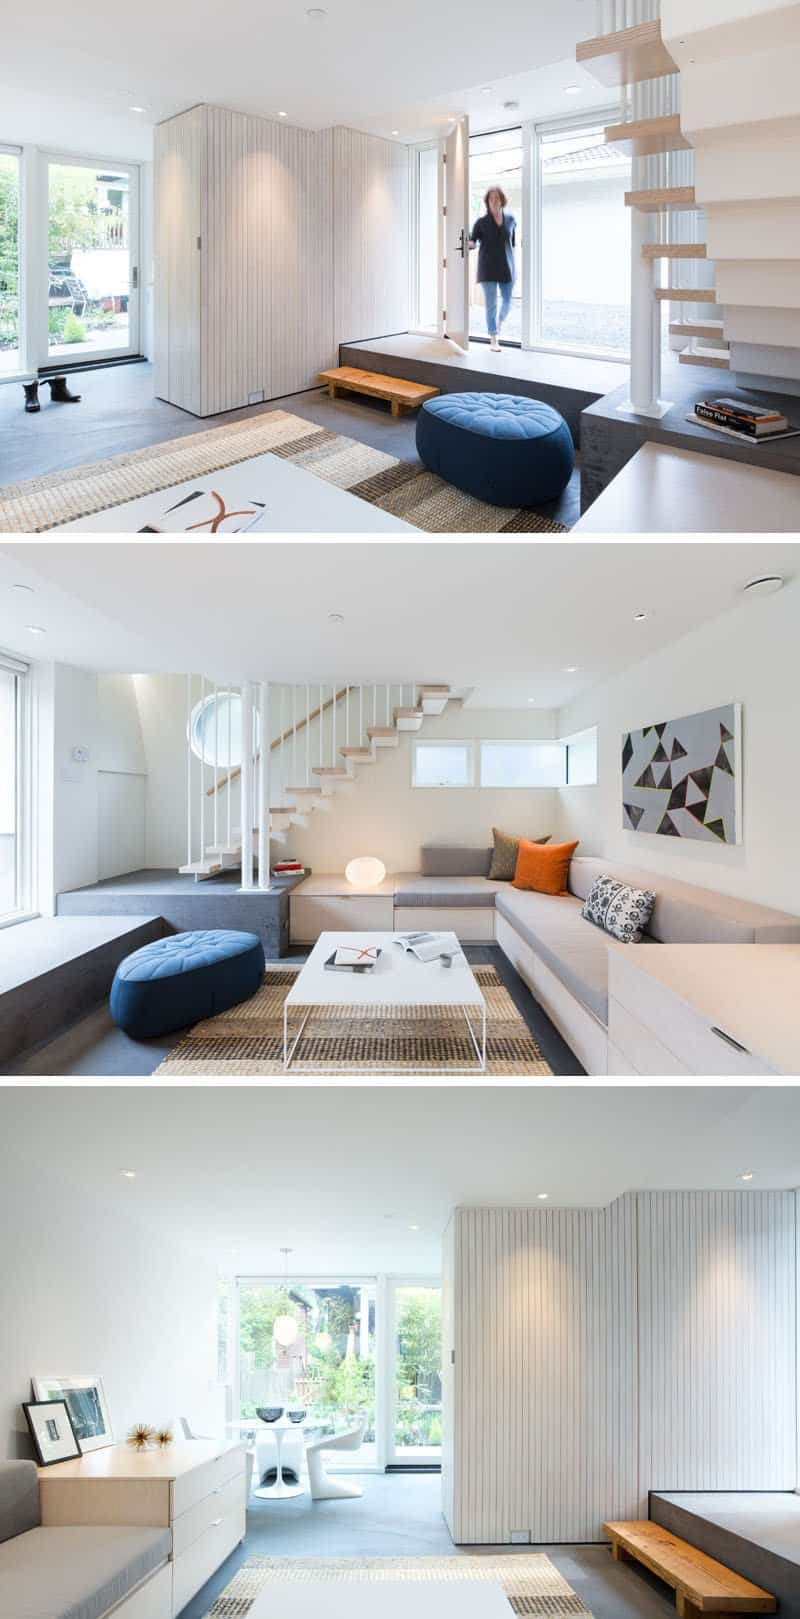 casa cubierta de tejas 4